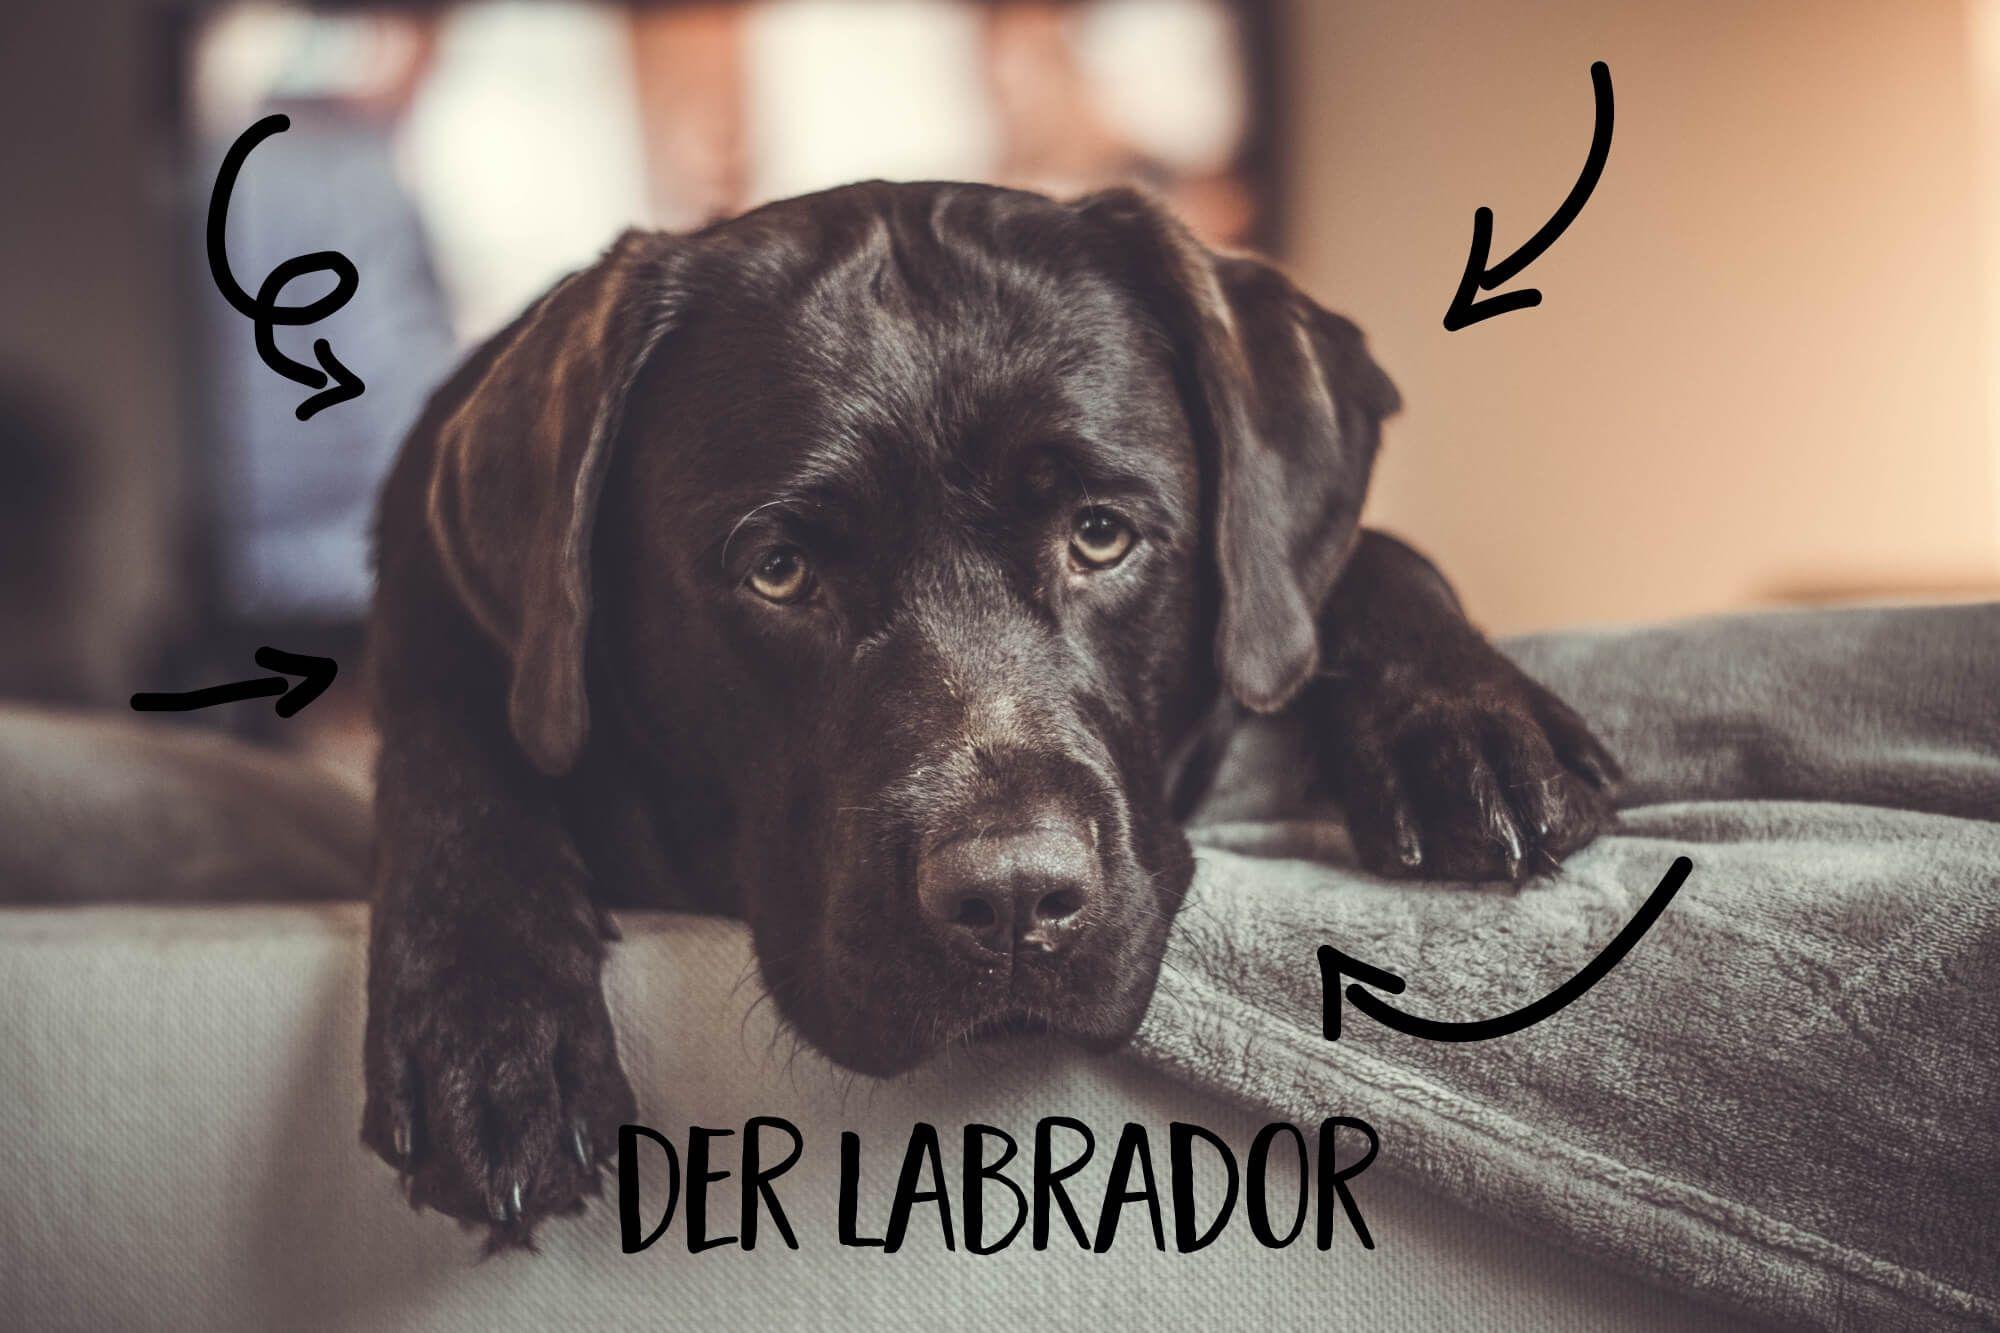 Immer Diese Vorurteile Der Labrador Aber Wir Alle Kennen Sie In Braun Gold Schwarz Rot Silber Schlamm Oder Labrador Retriever Labrador Hund Tier Fotos